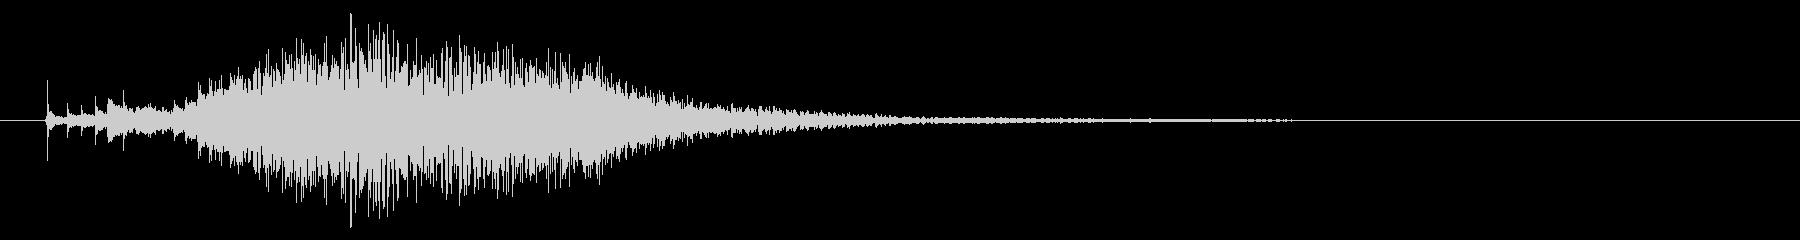 ハープのグリッサンド2の未再生の波形